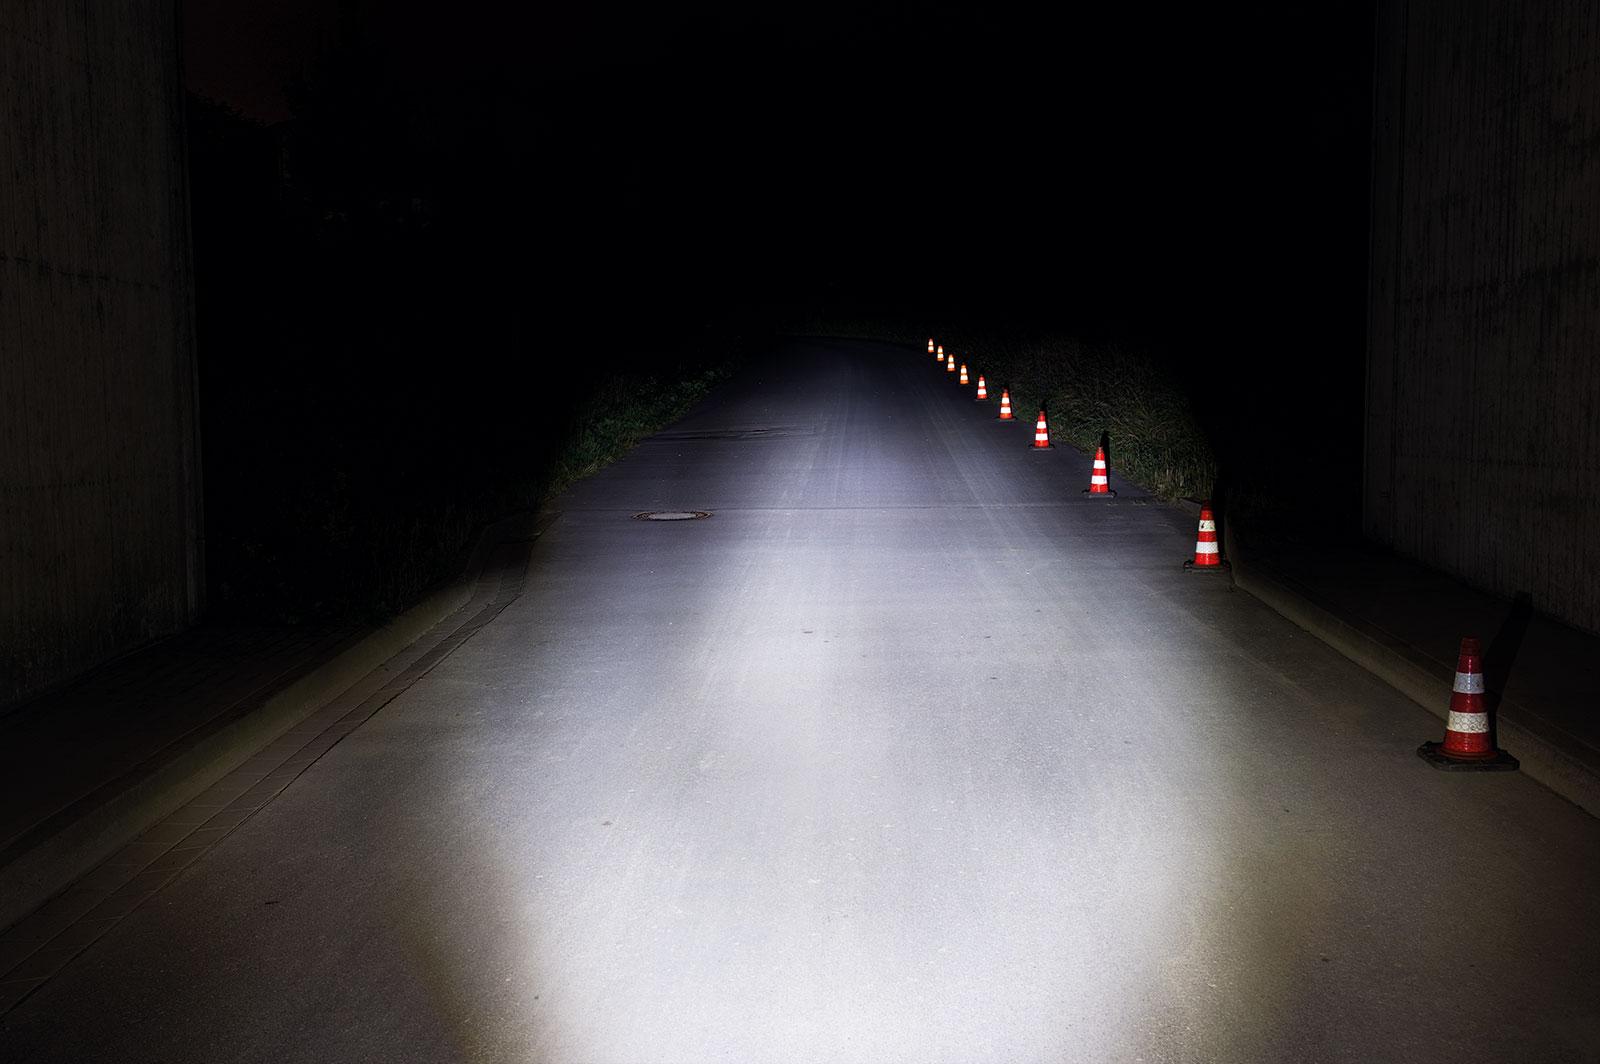 e-Bike Beleuchtung mit einer Lichtmenge von 50 LUX